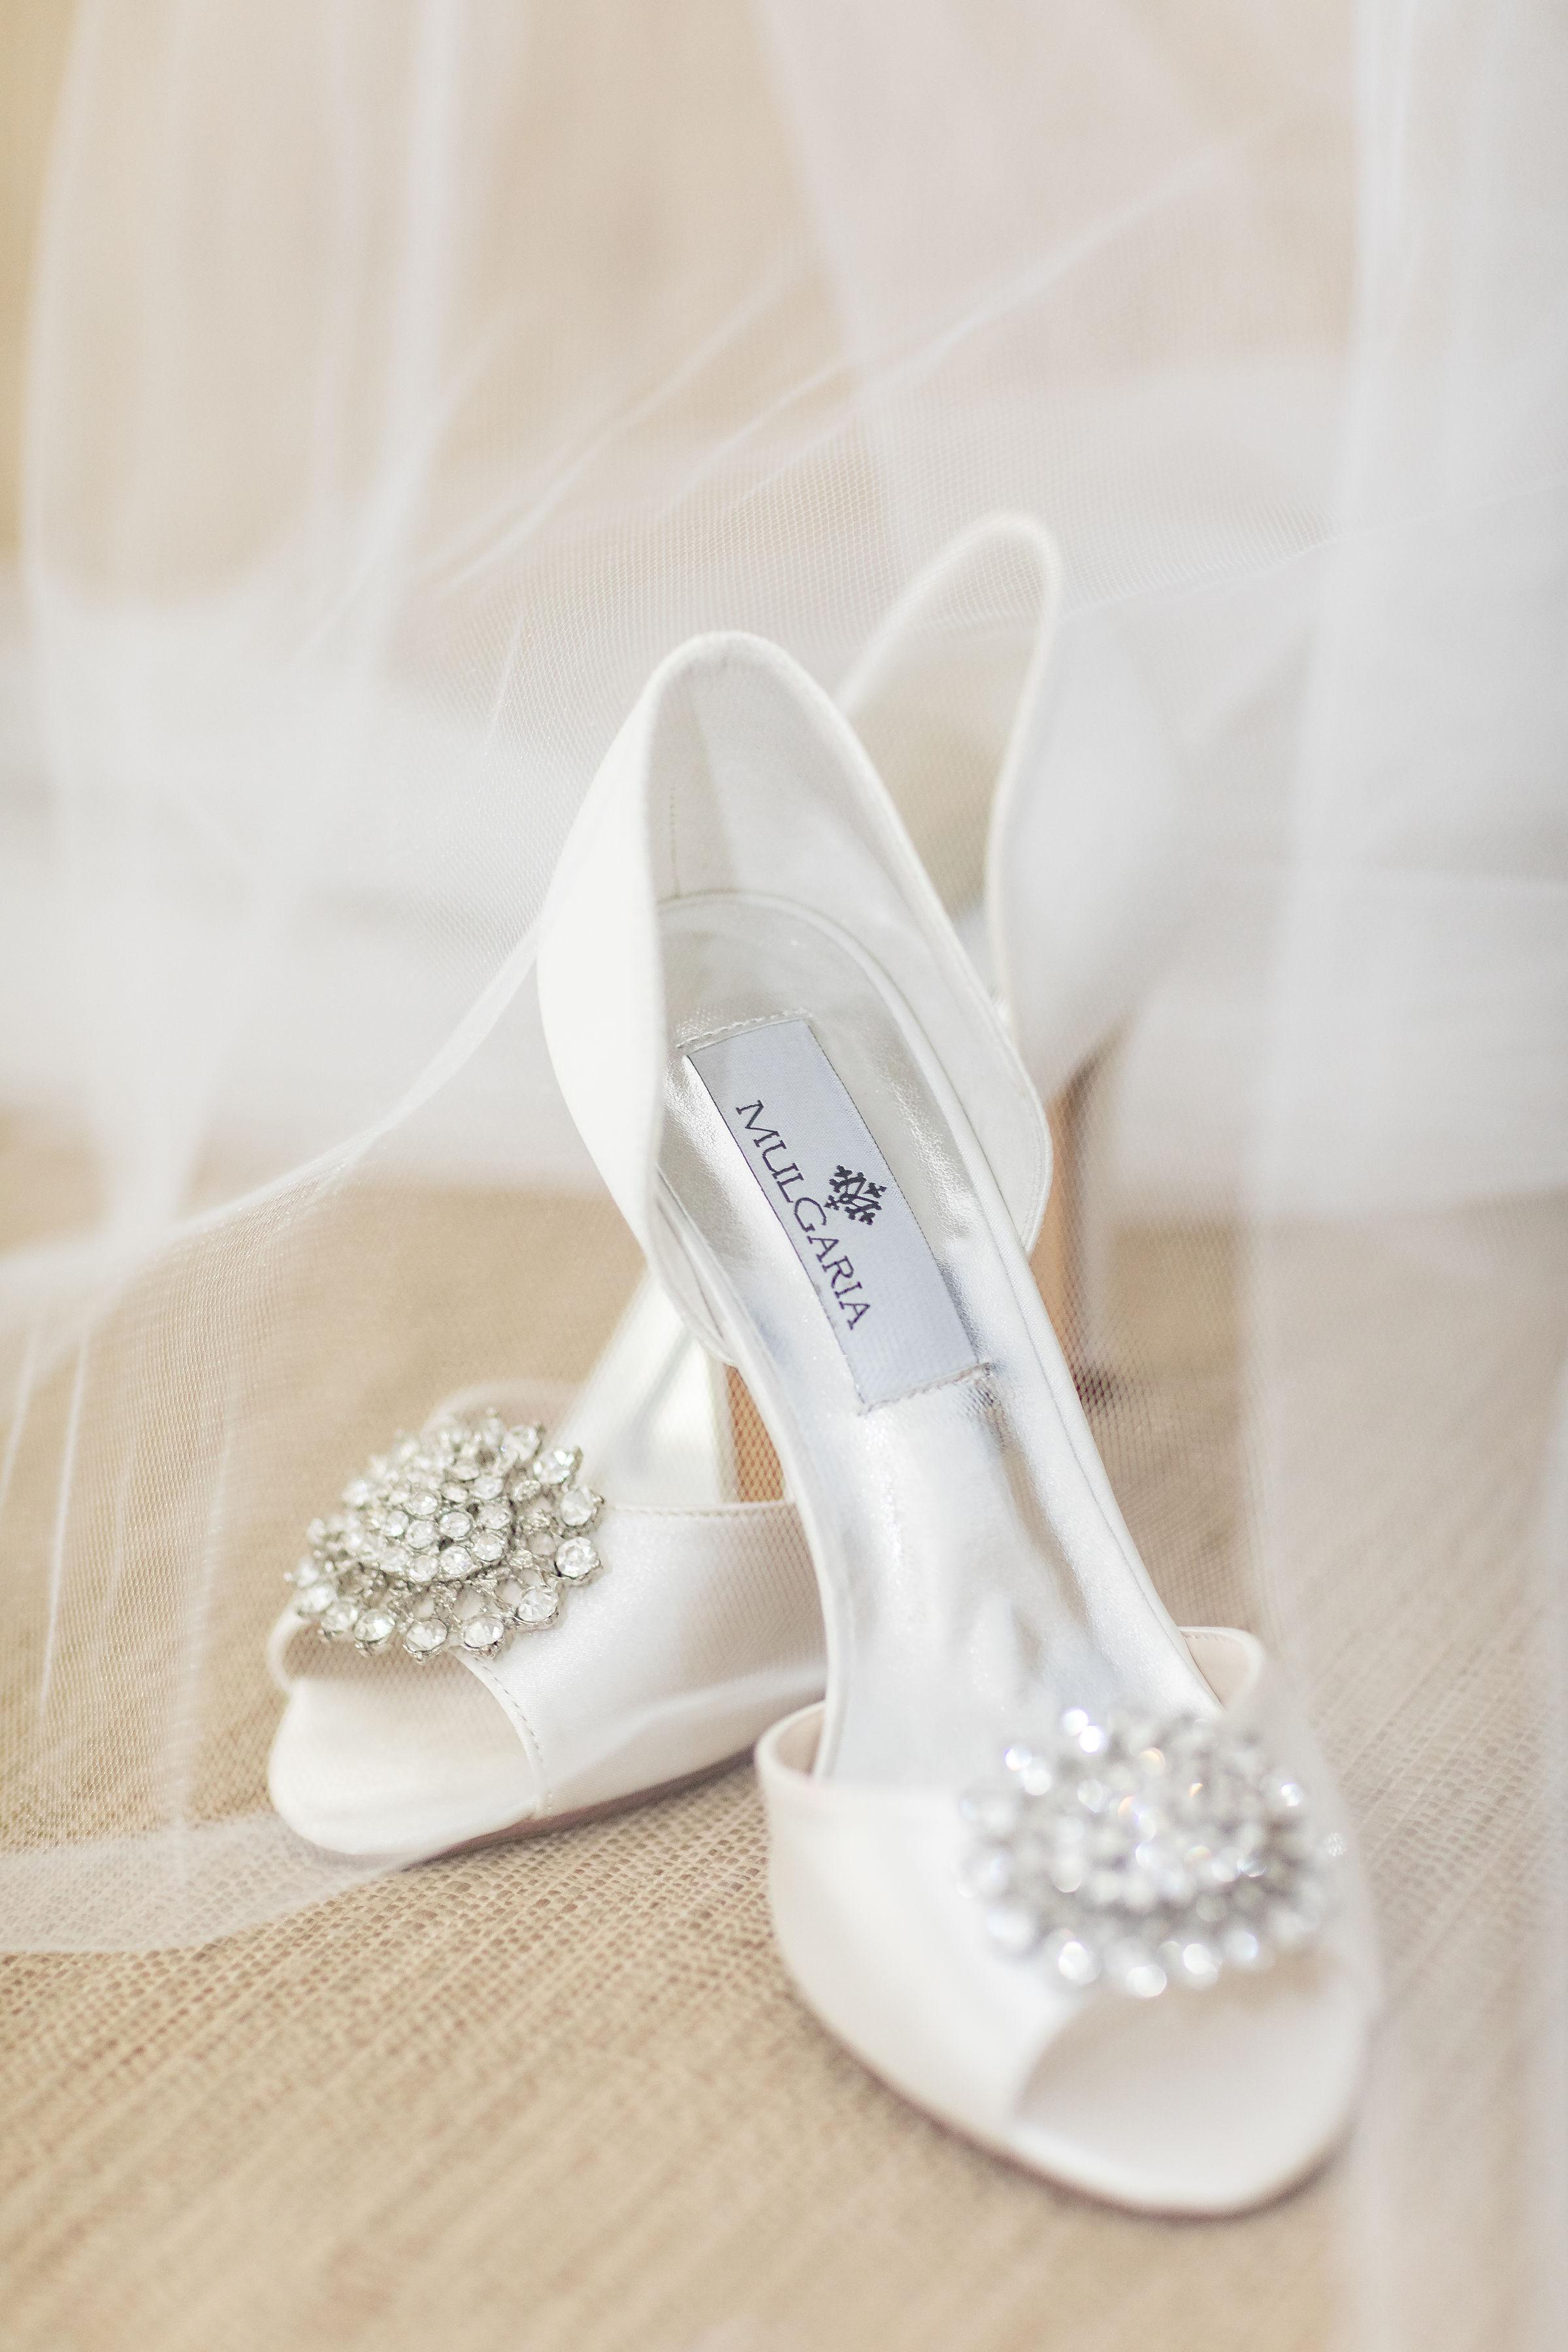 ! Veil over Wedding Heels by Mulgaria.jpg